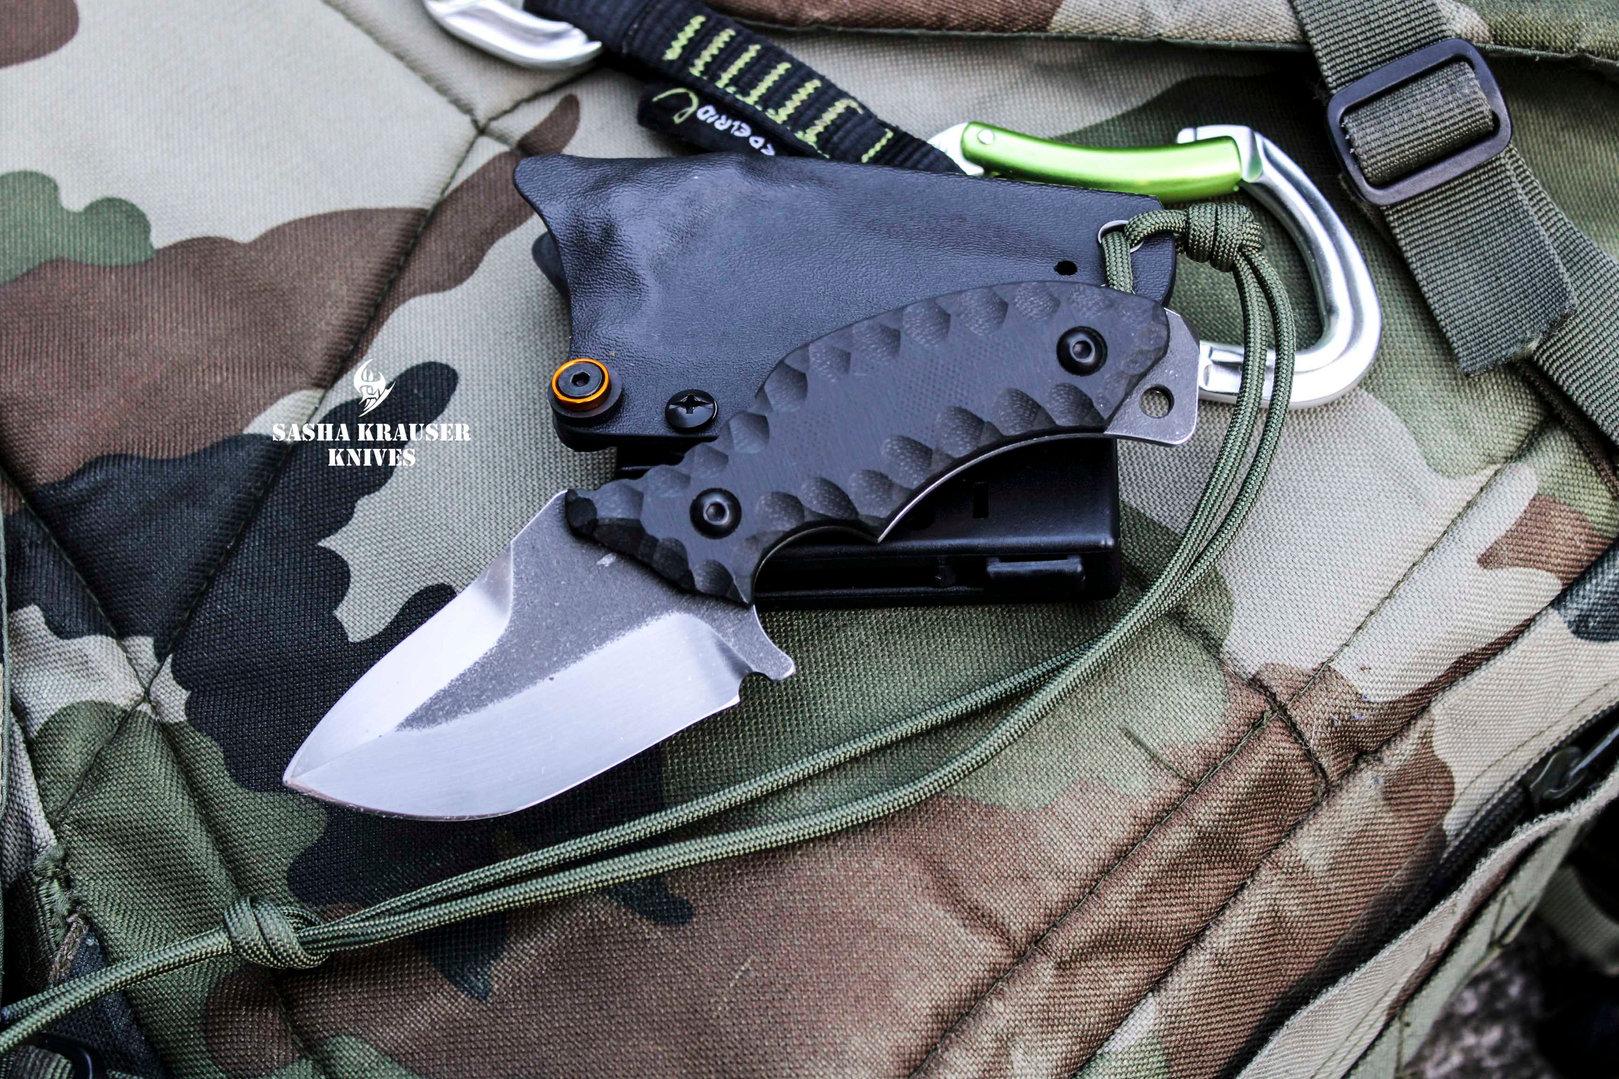 francky4fingers small knife edc backup